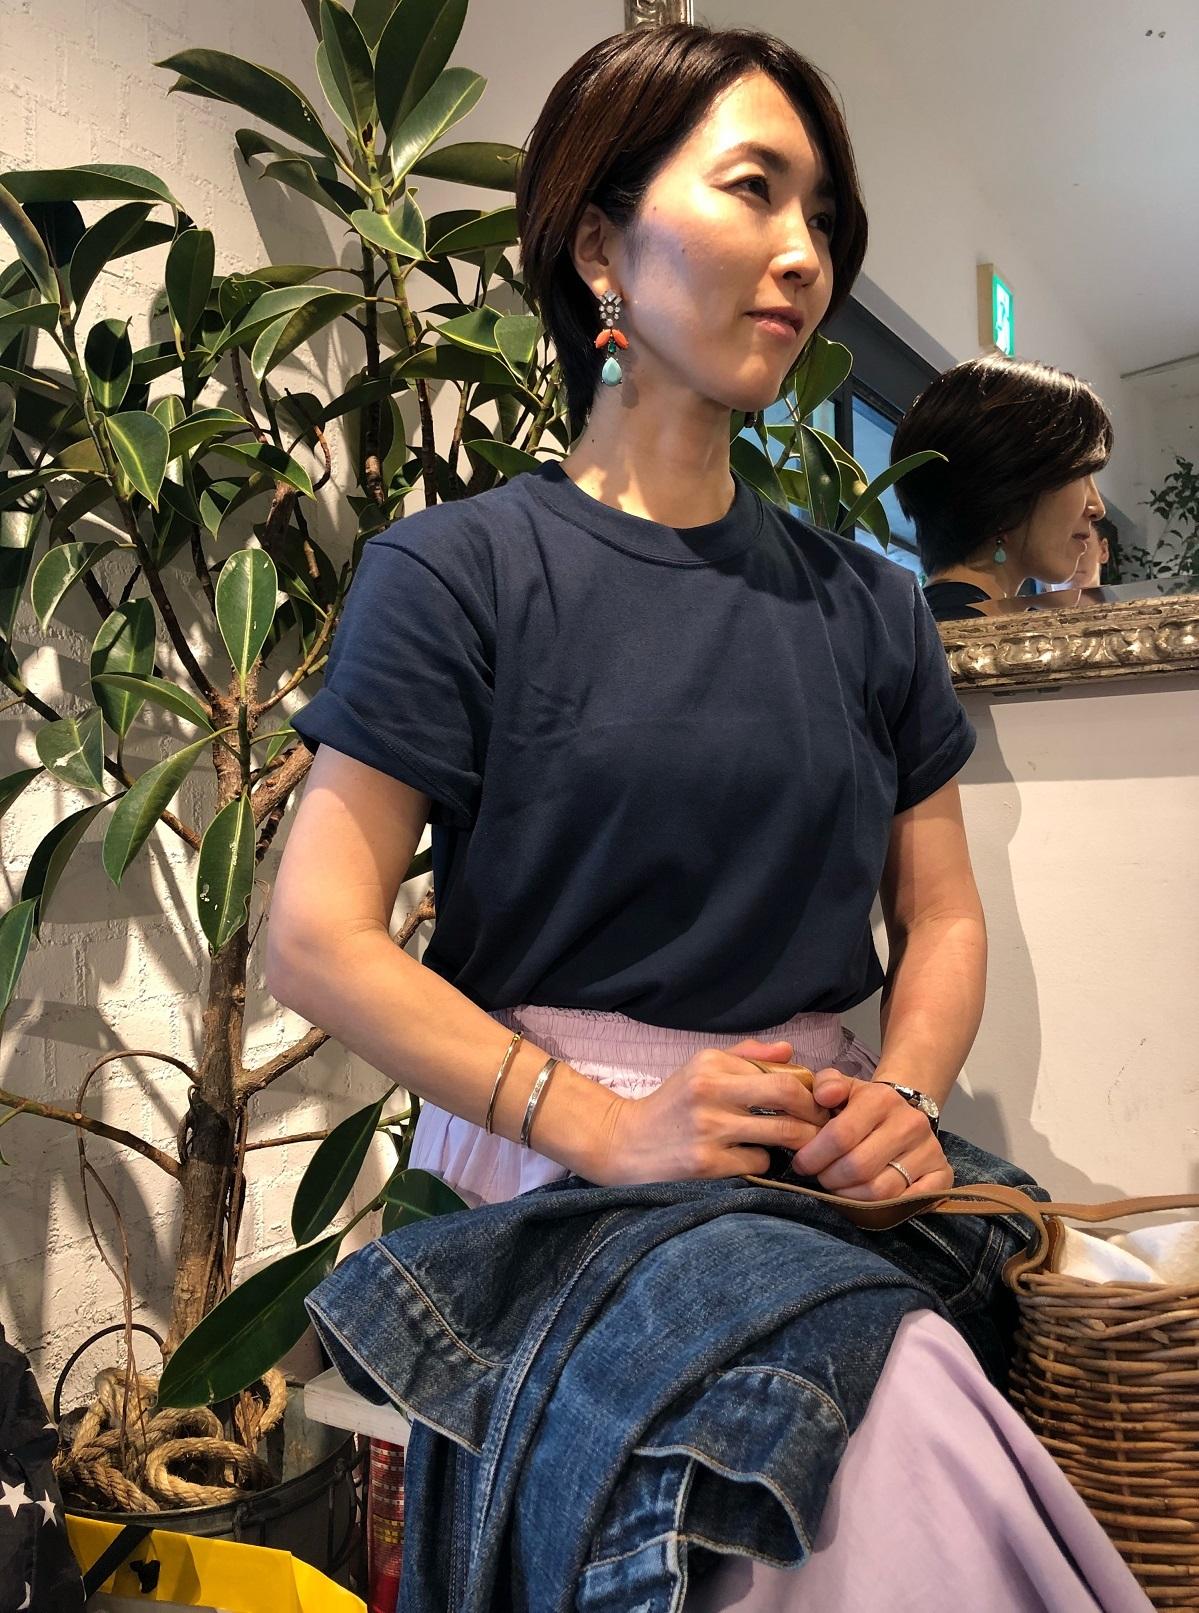 HanesメンズのTシャツとふんわりスカートでワンツーコーデ♪_1_2-1